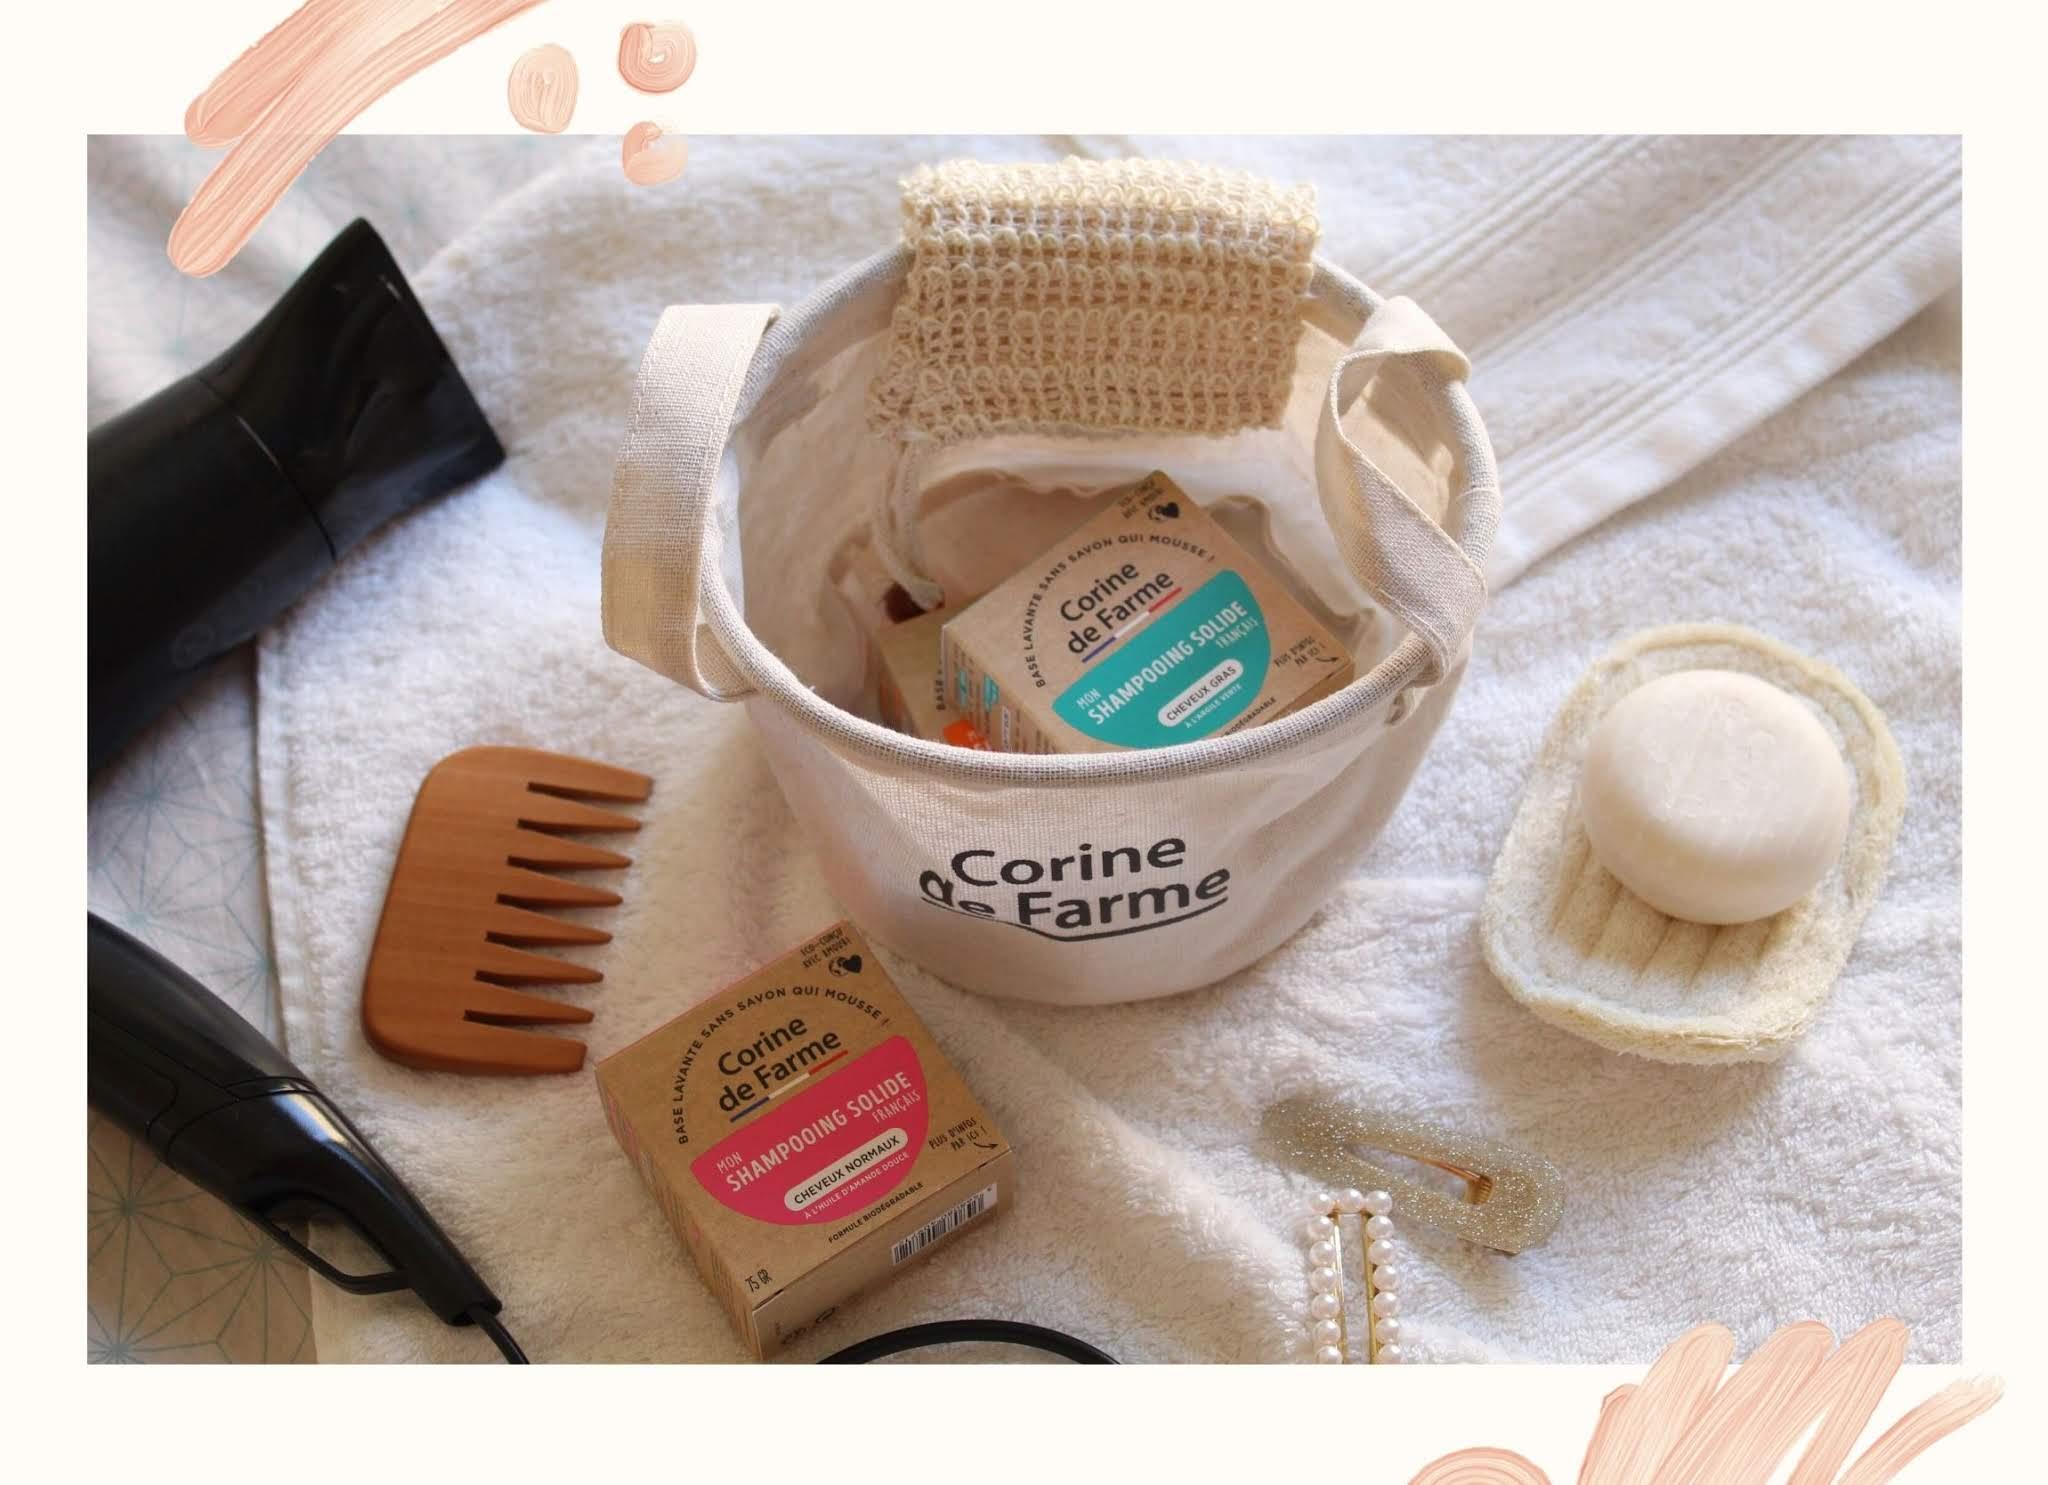 Présentation des shampoings solides Corine de Farme